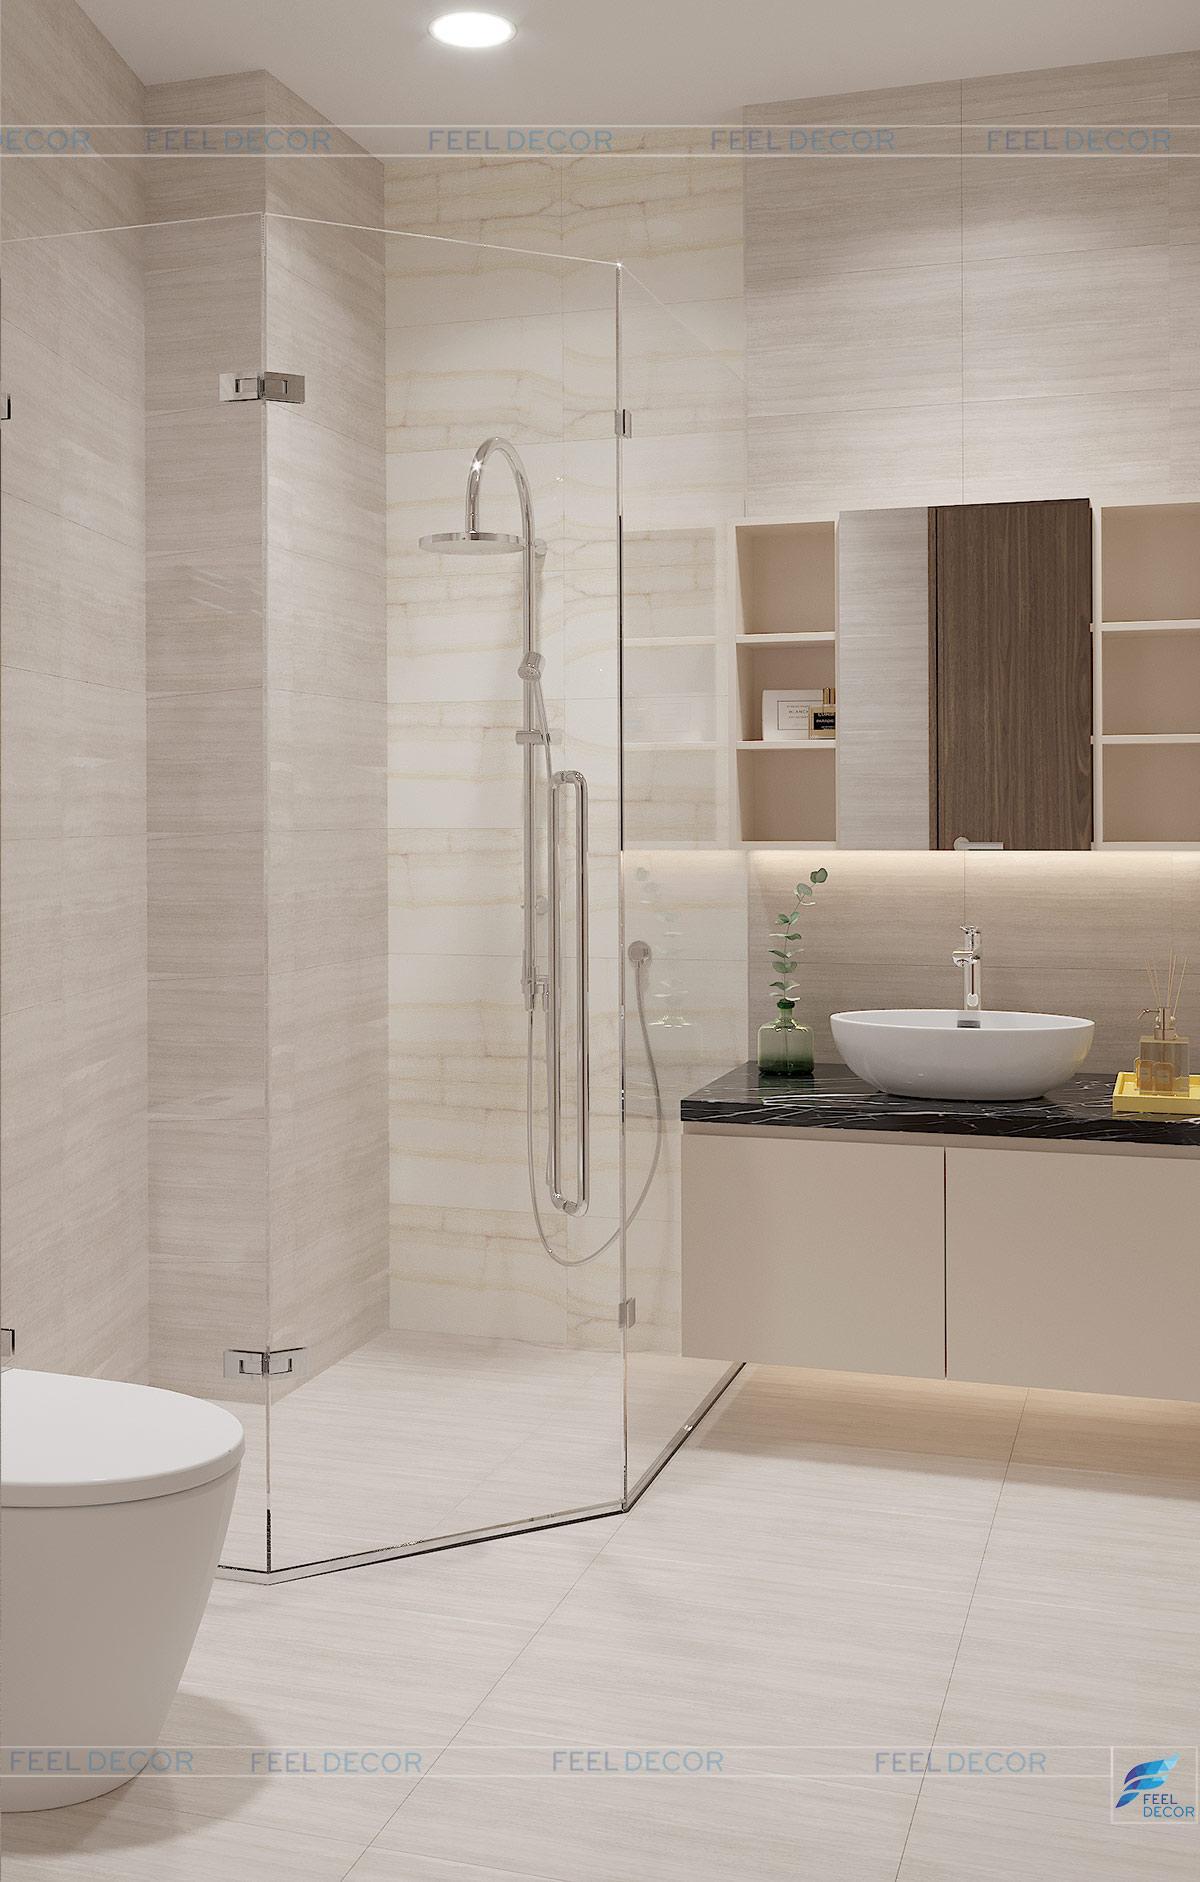 Thiết kế thi công nội thất nhà vệ sinh nhà phố Long An